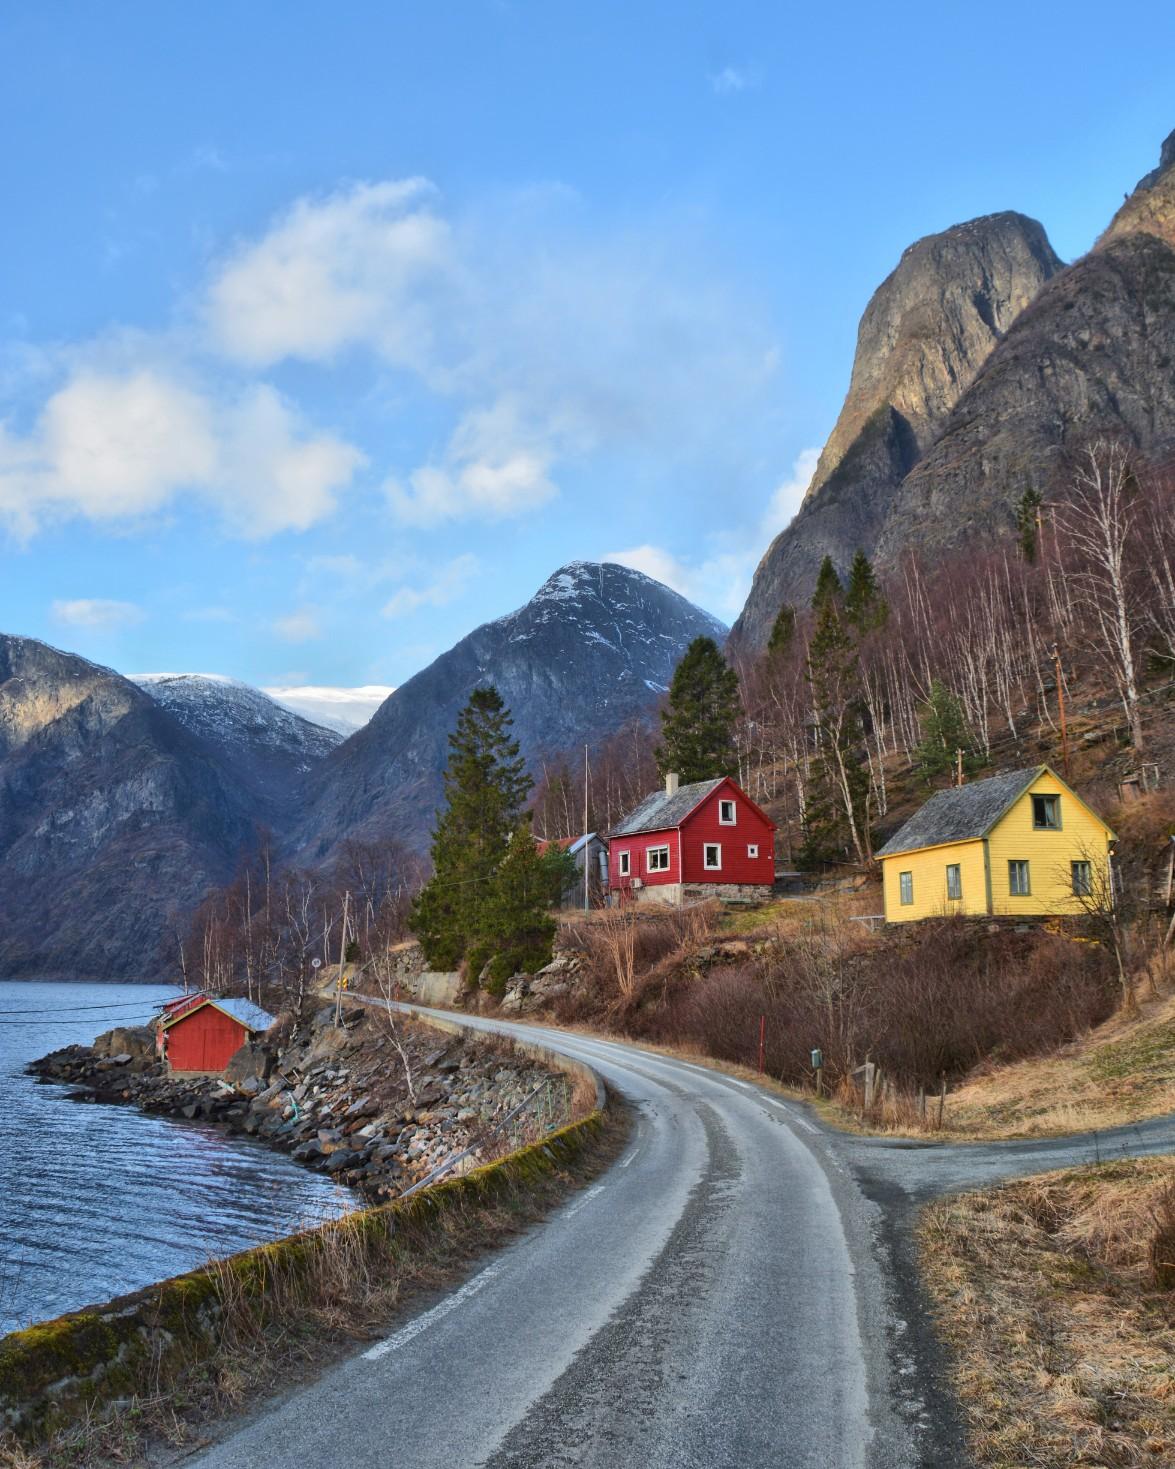 Towards Skjerdal